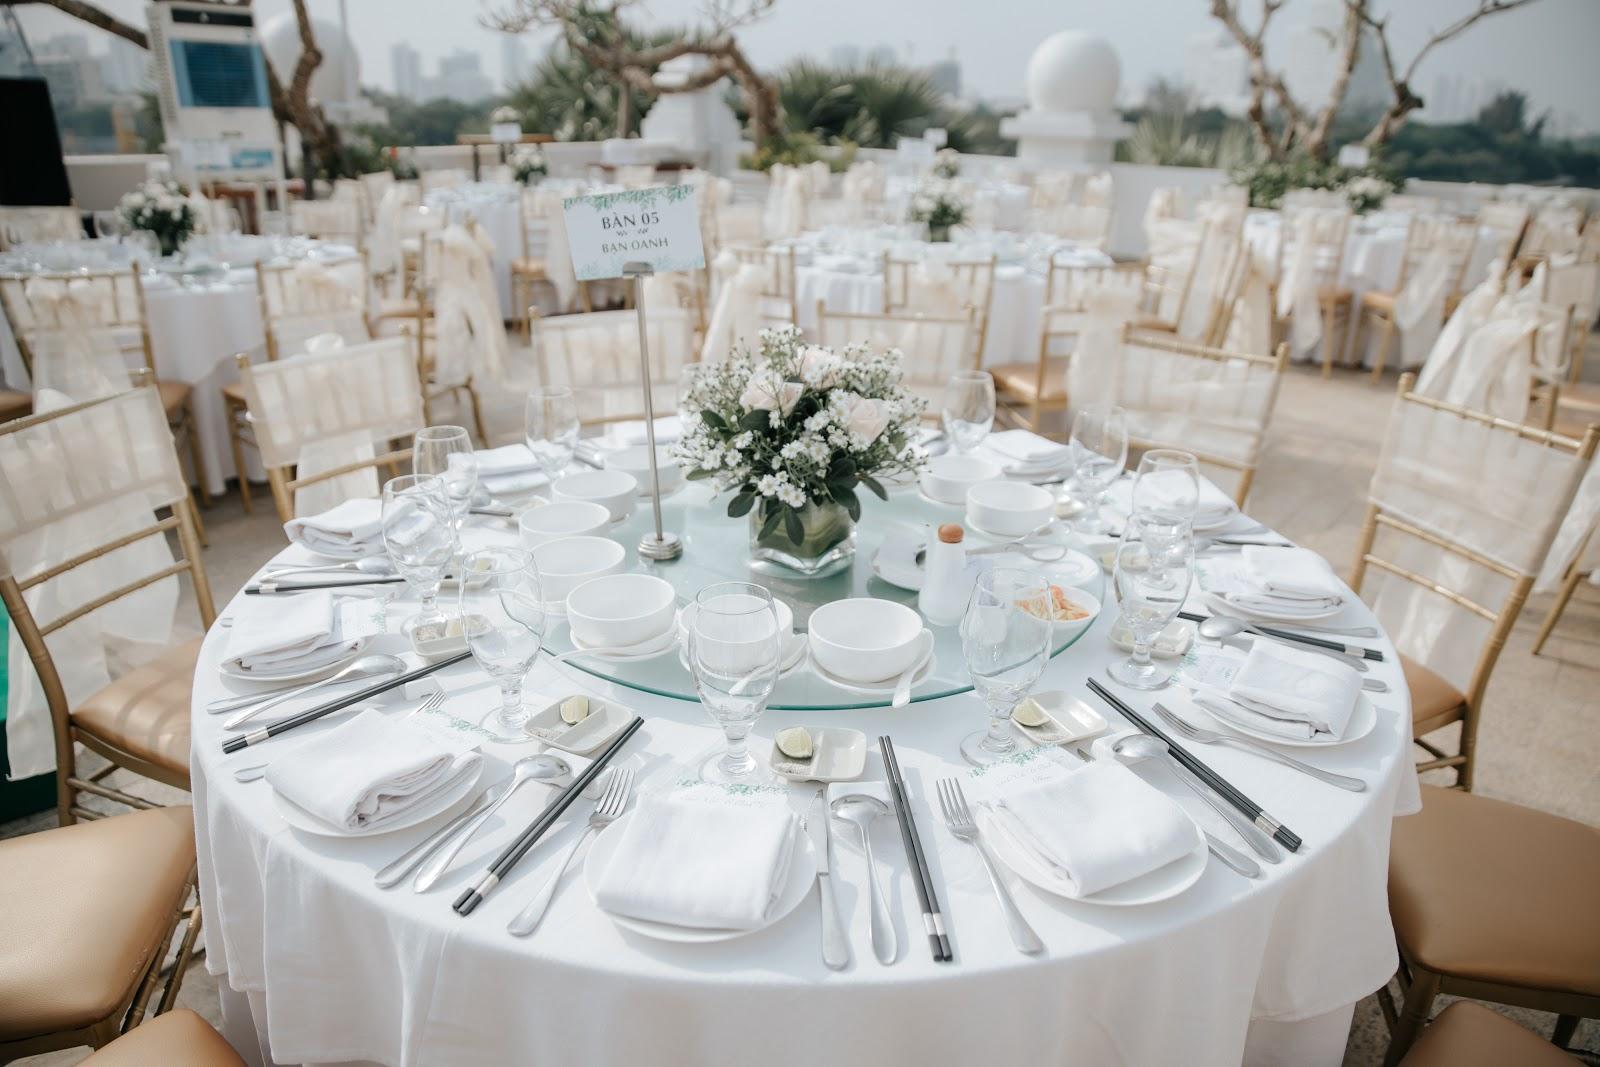 Hé lộ hình ảnh nhẫn kim cương và tiệc cưới xa hoa trong hôn lễ MC Hoàng Oanh 3